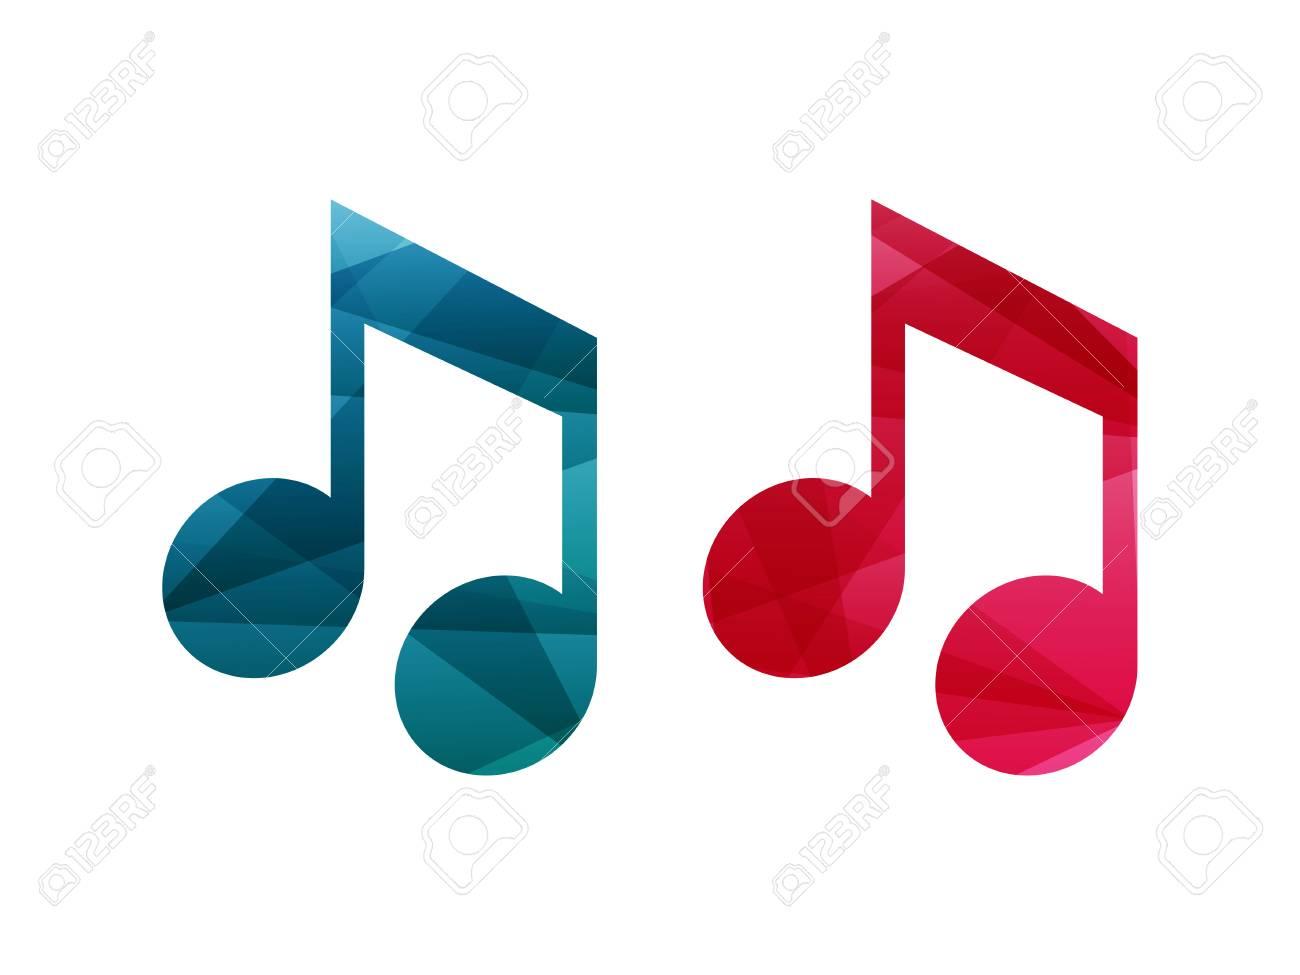 Fantastisch Musical Note Template Zeitgenössisch - FORTSETZUNG ...